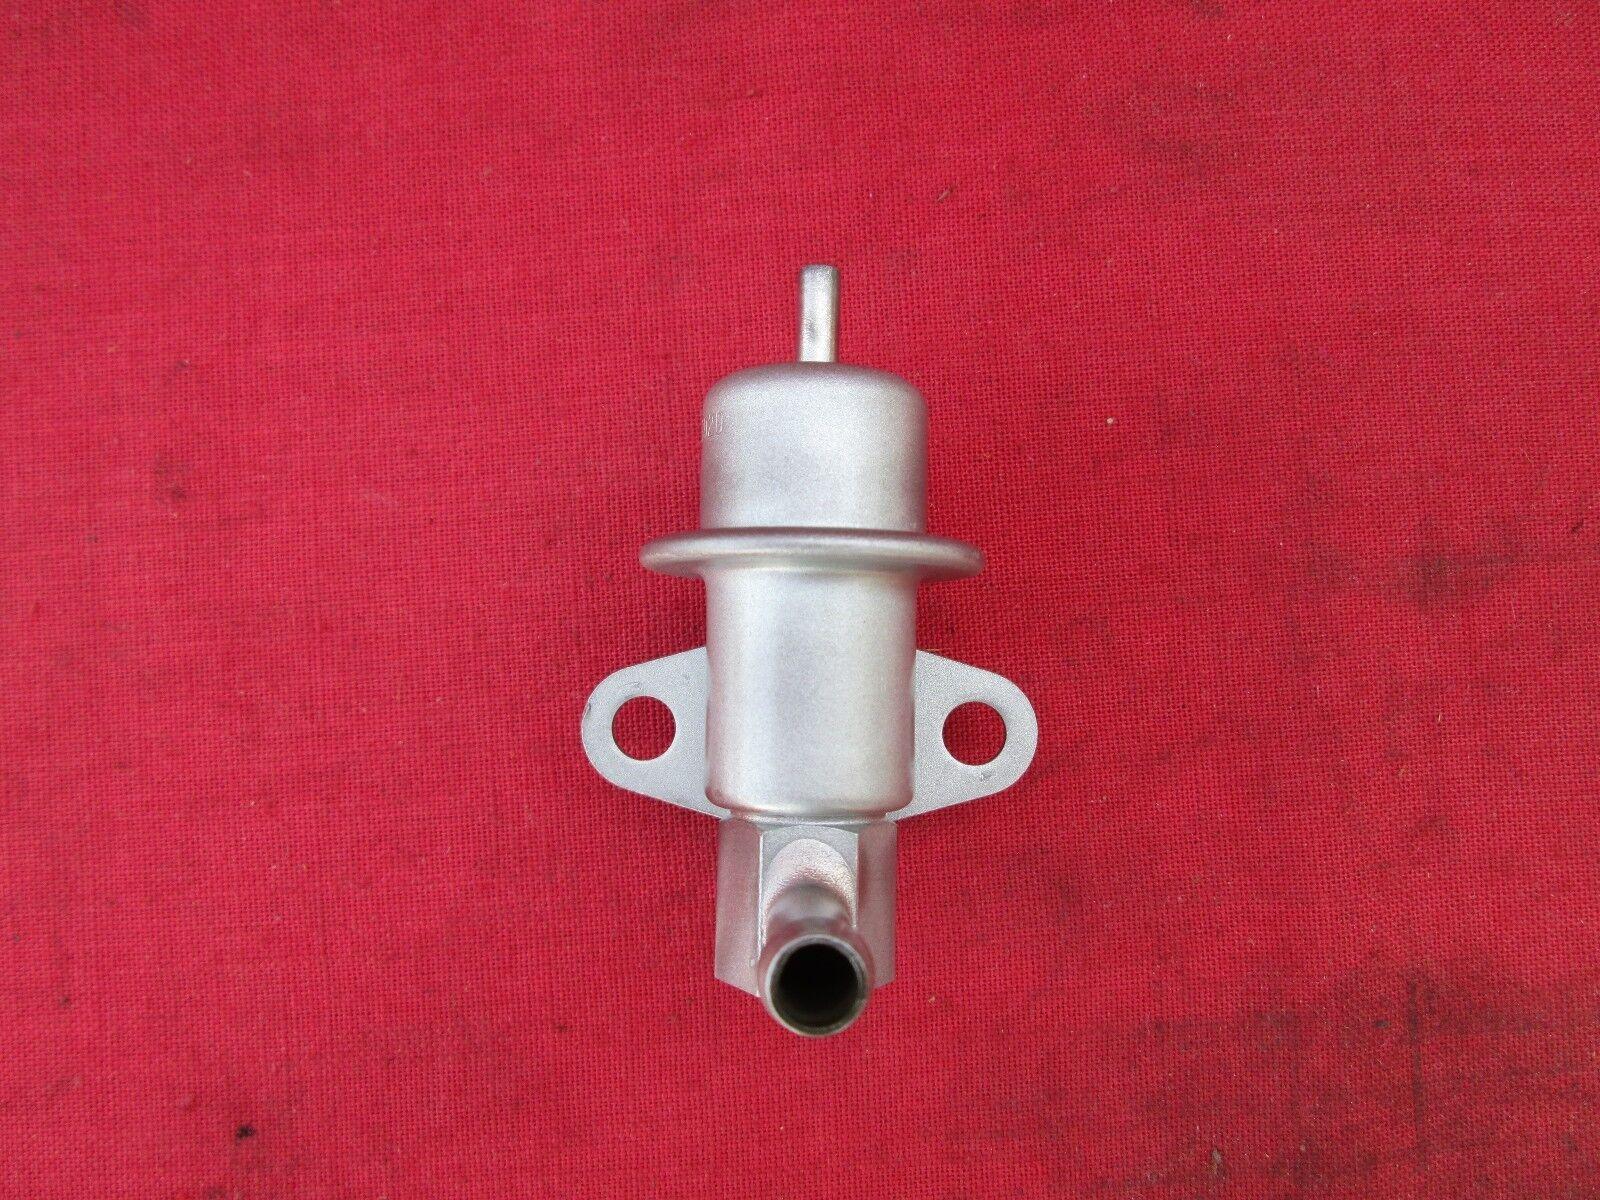 Oem Fuel Pressure Regulator For Hyundai Sonata Santa Fe Kia Optima 2004 Pump Replacement 25l 27l